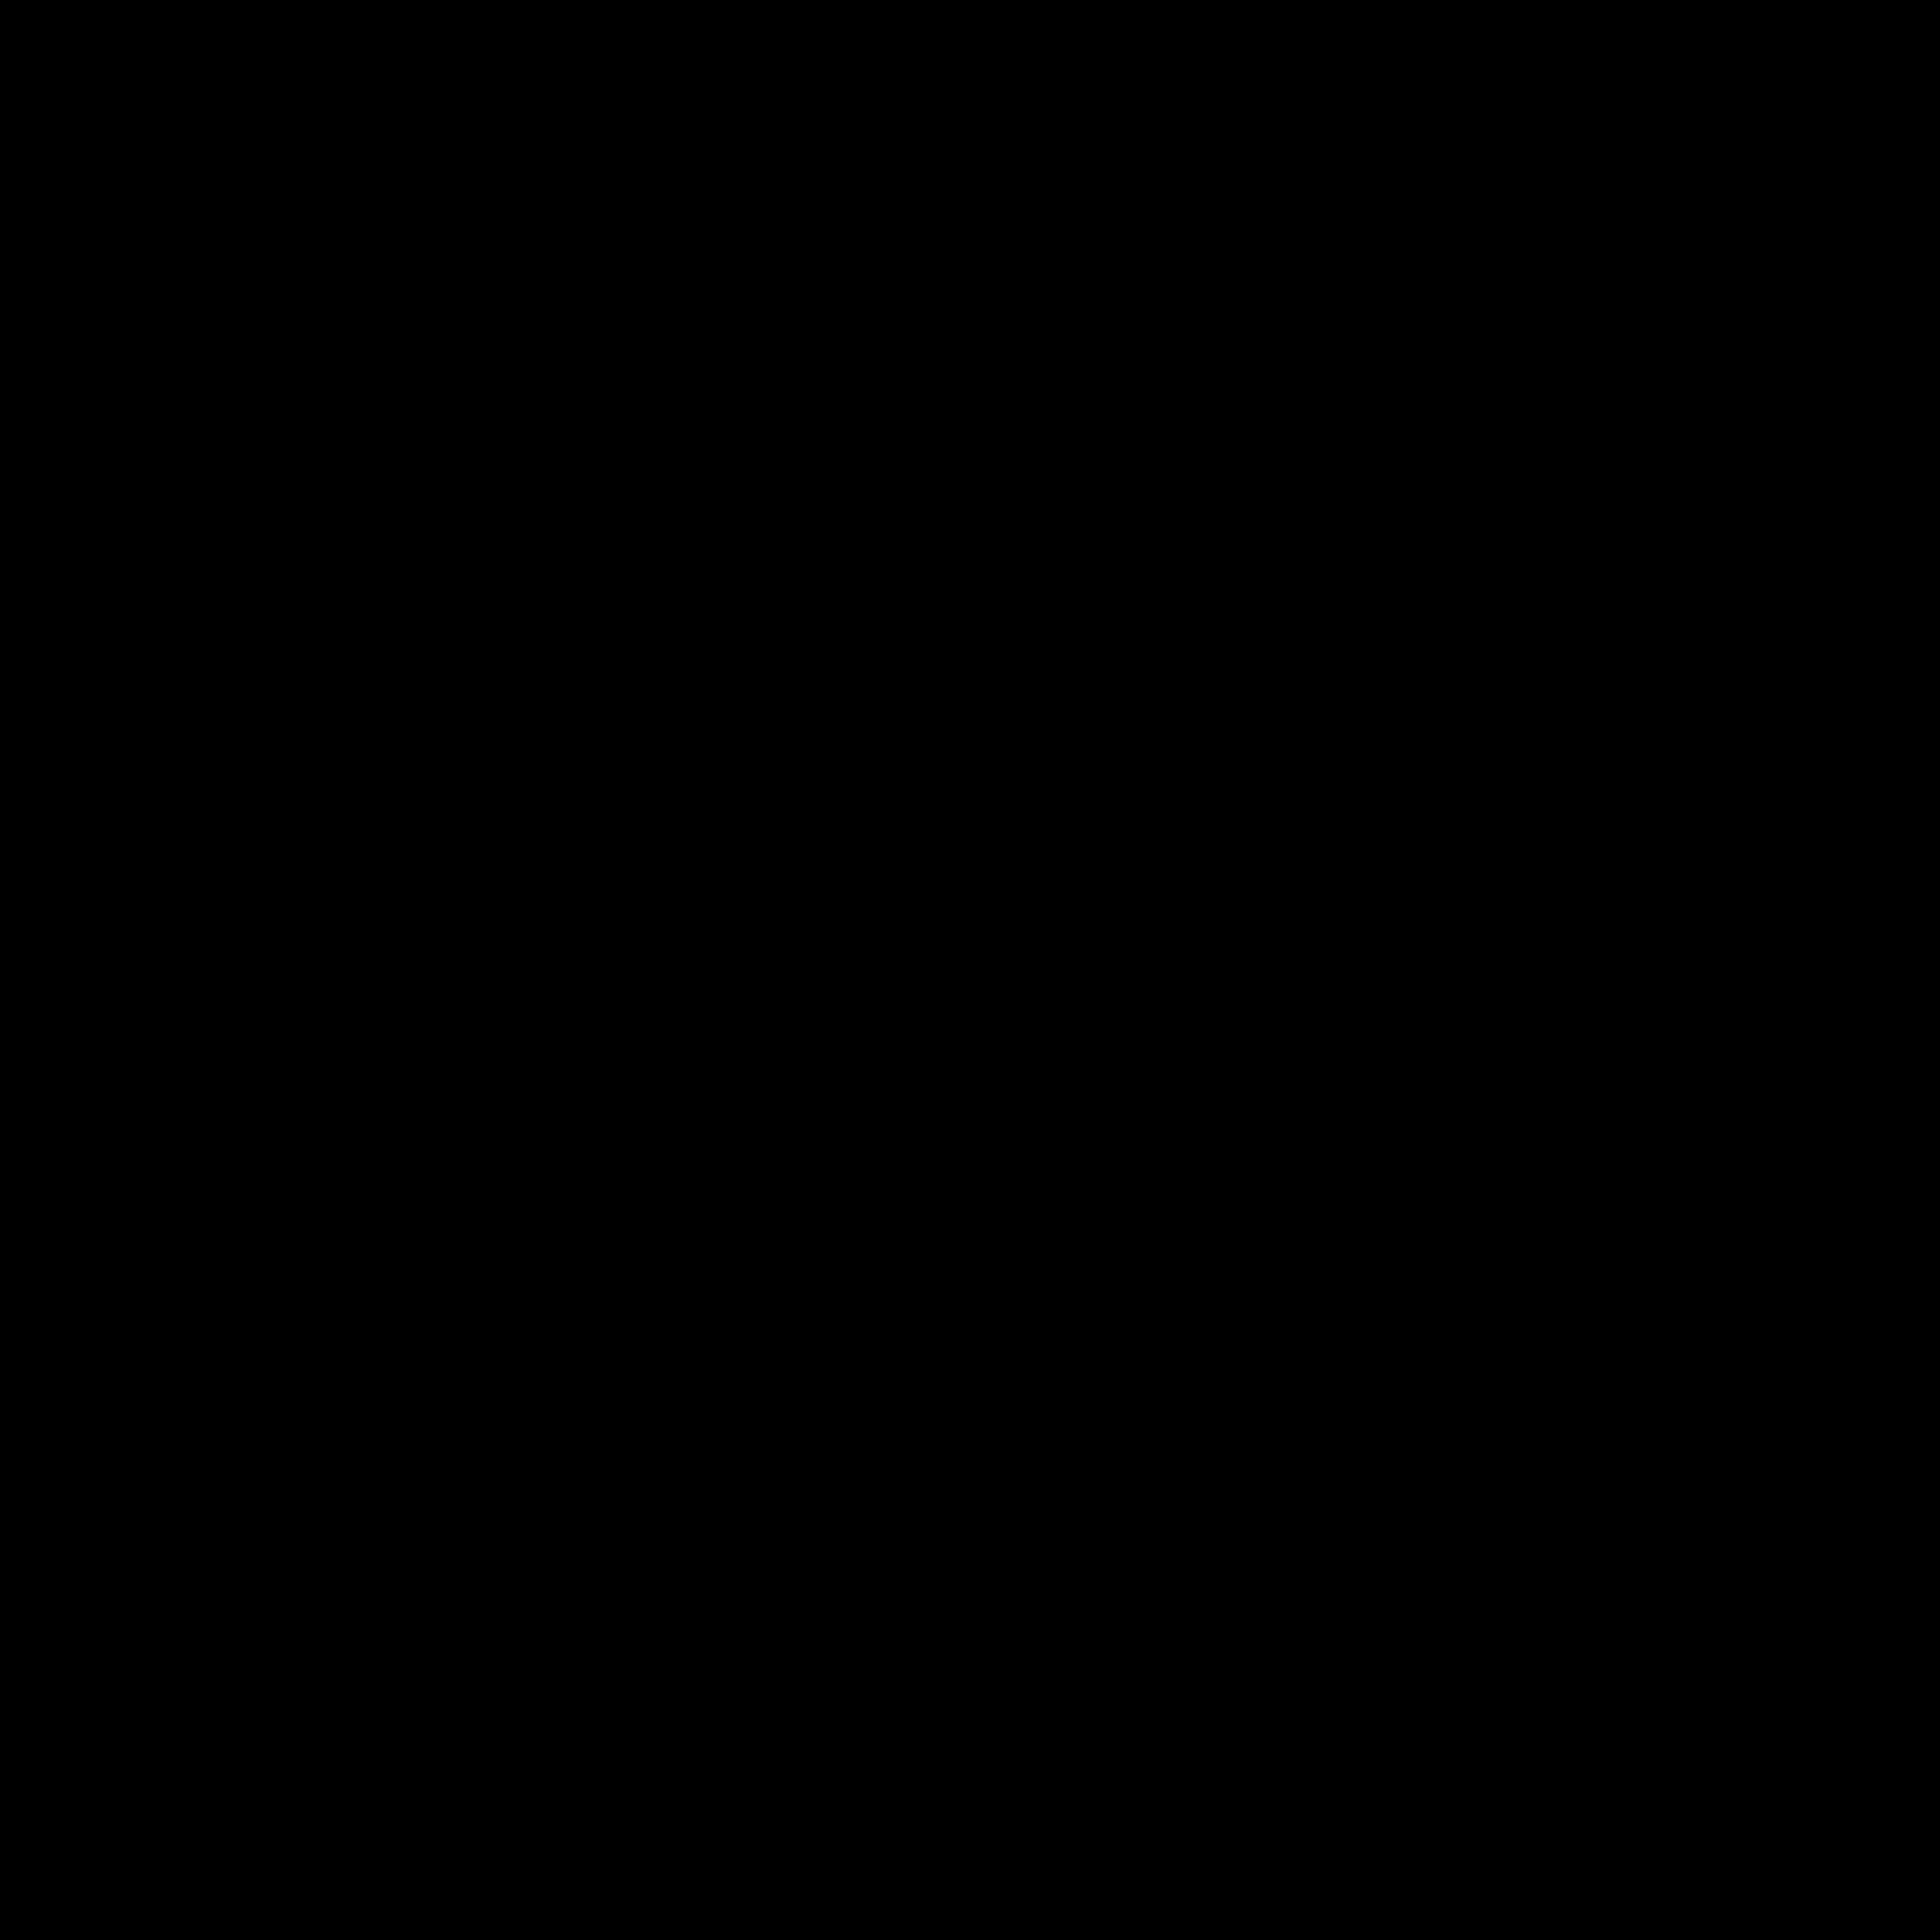 ASH-Autotransport Service Häseler